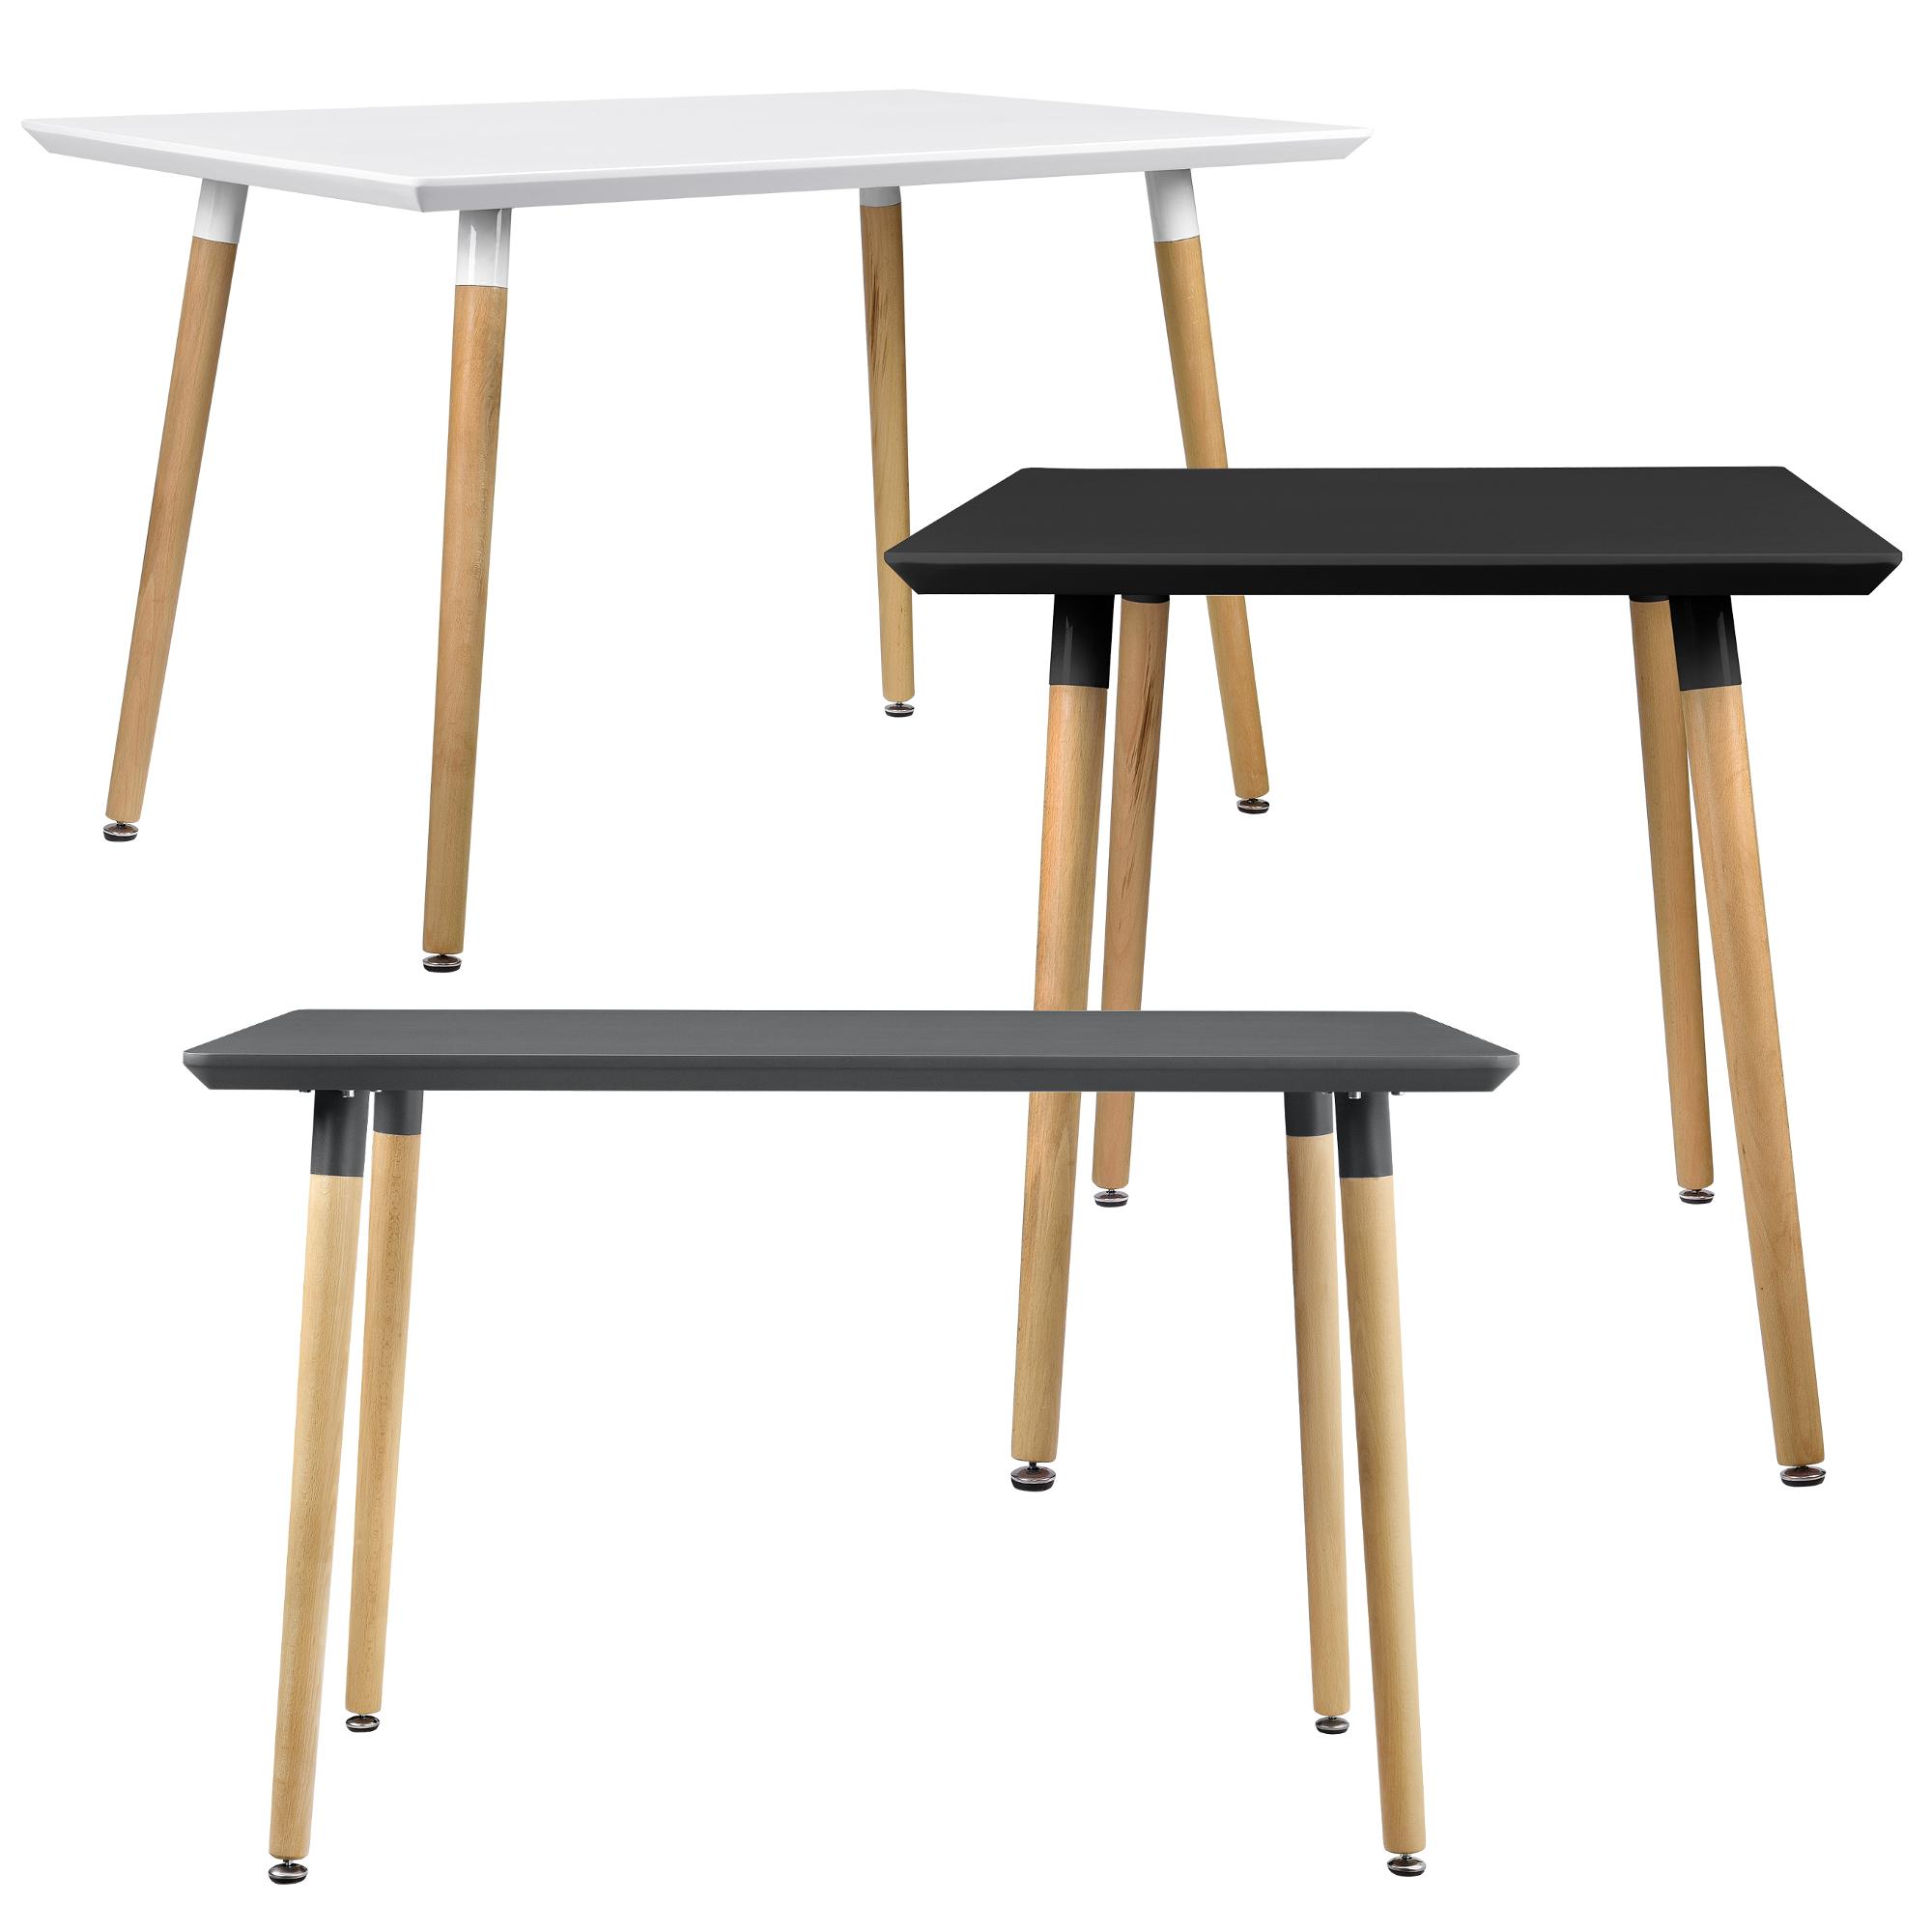 Esstisch 120x70cm Weiß Matt Eiche Küchentisch Esszimmer Tisch Retro ...